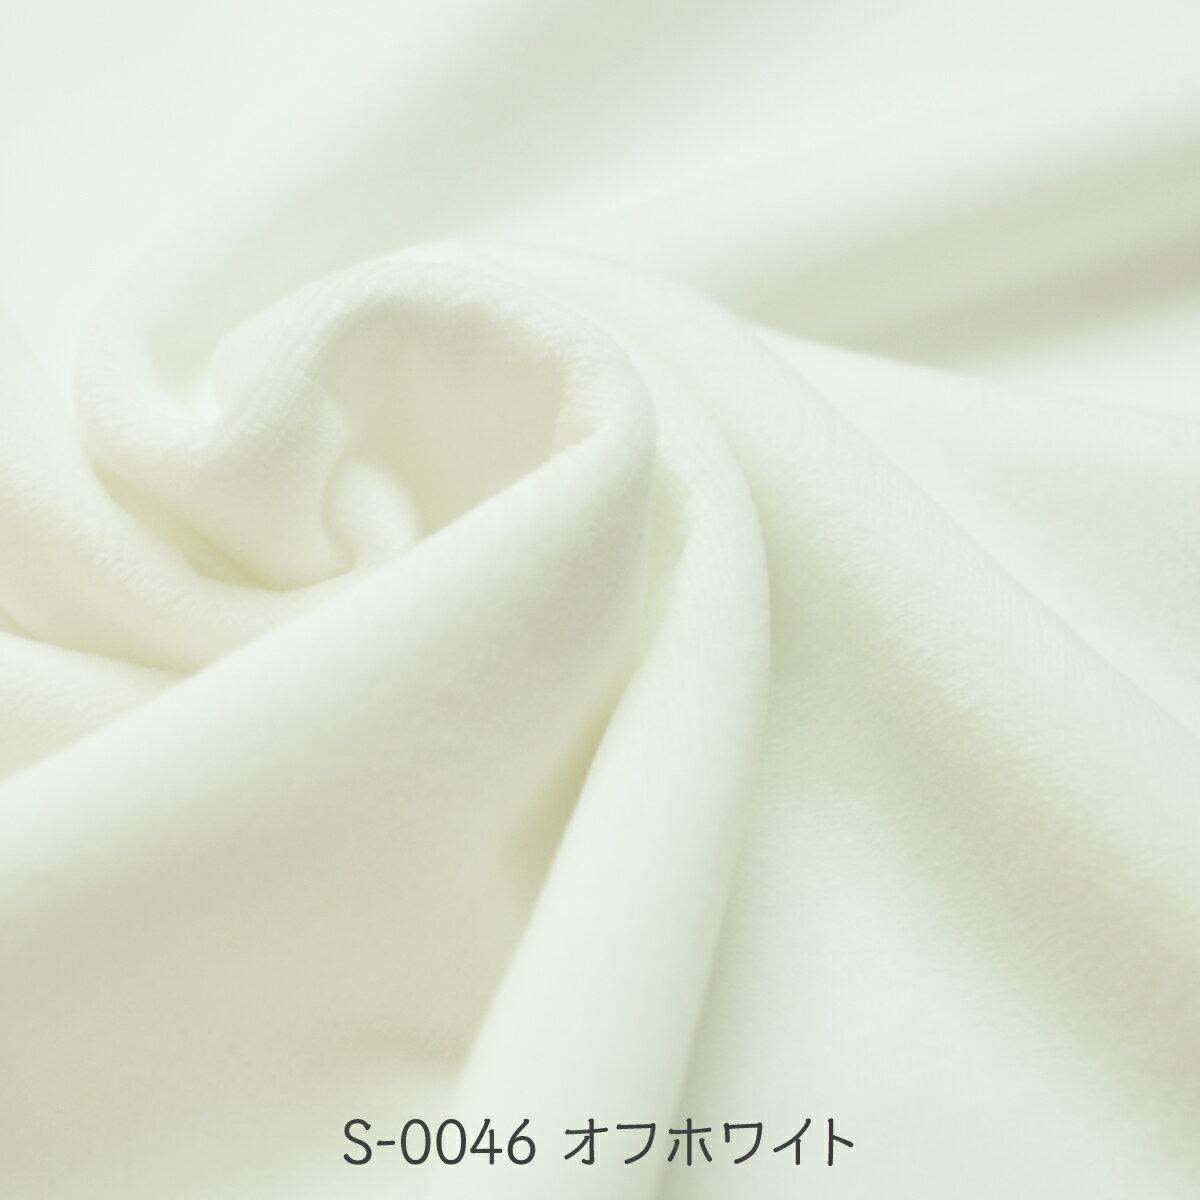 【入手困難】 オフホワイト S-0046 ソフトボア生地 クリスタルボア 製造番号7E4 手作り ぬいぐるみ生地 ボア生地 一般的なぬいぐるみ生地 メール便は60cmまで